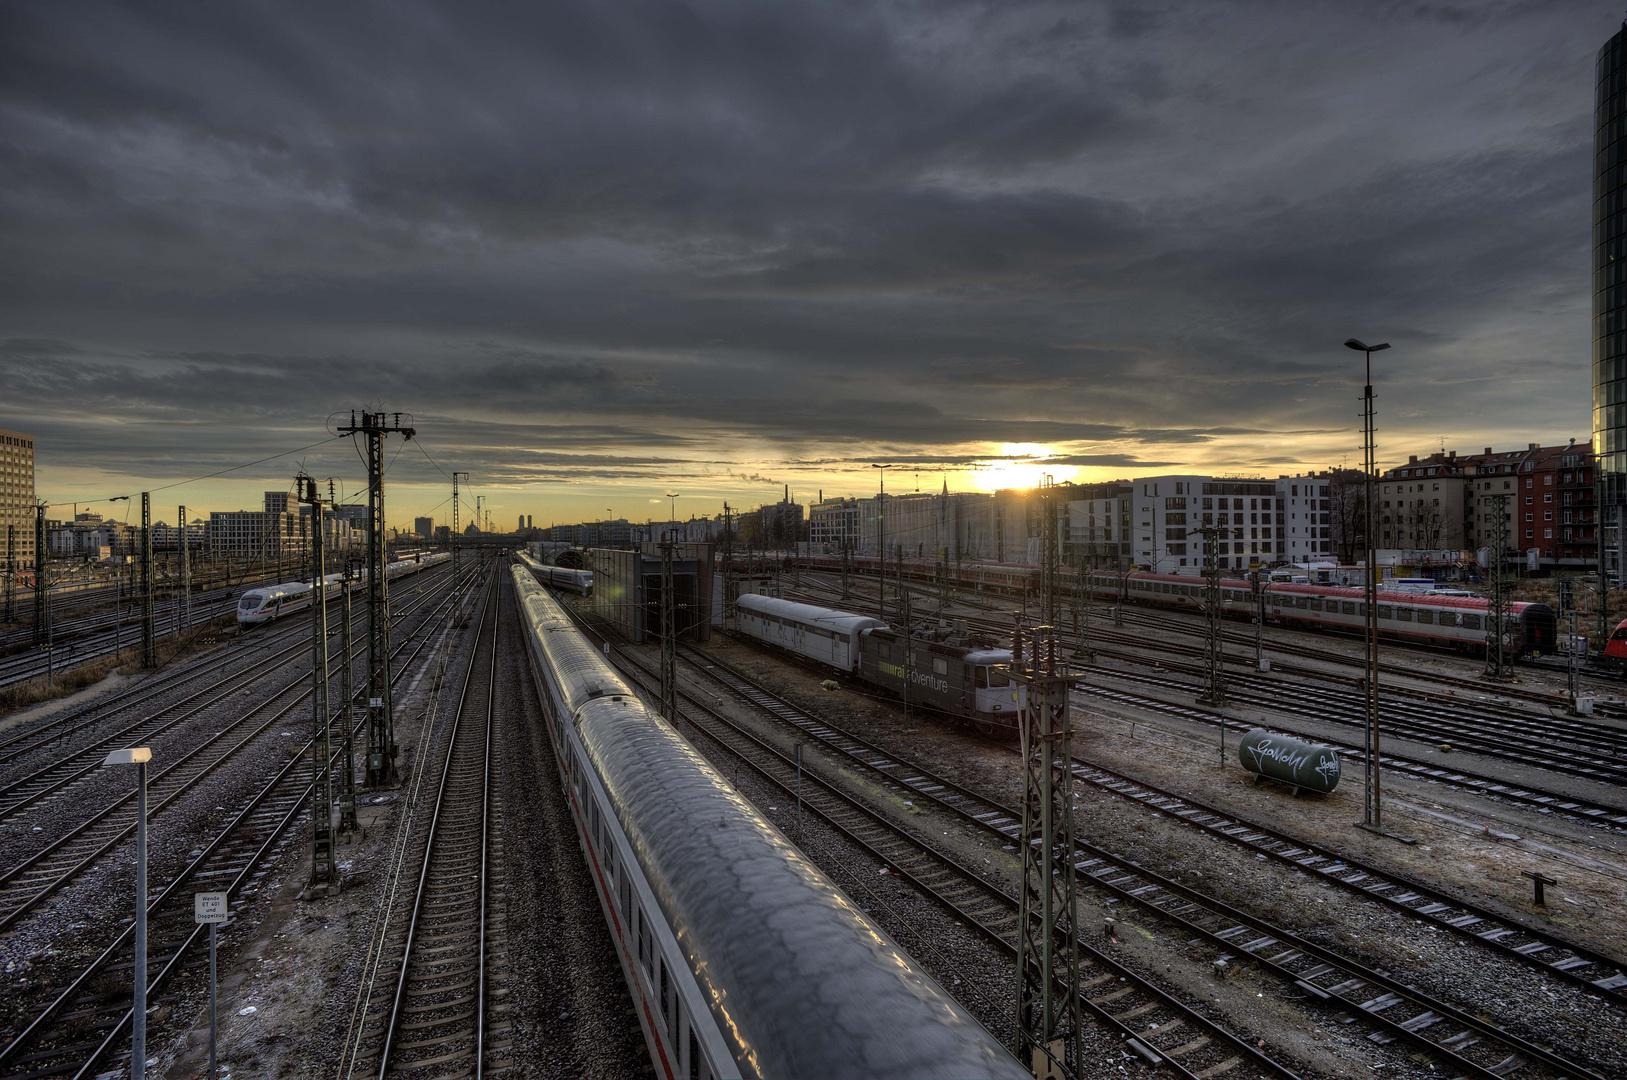 Sonnenaufgang über den Gleisen in München